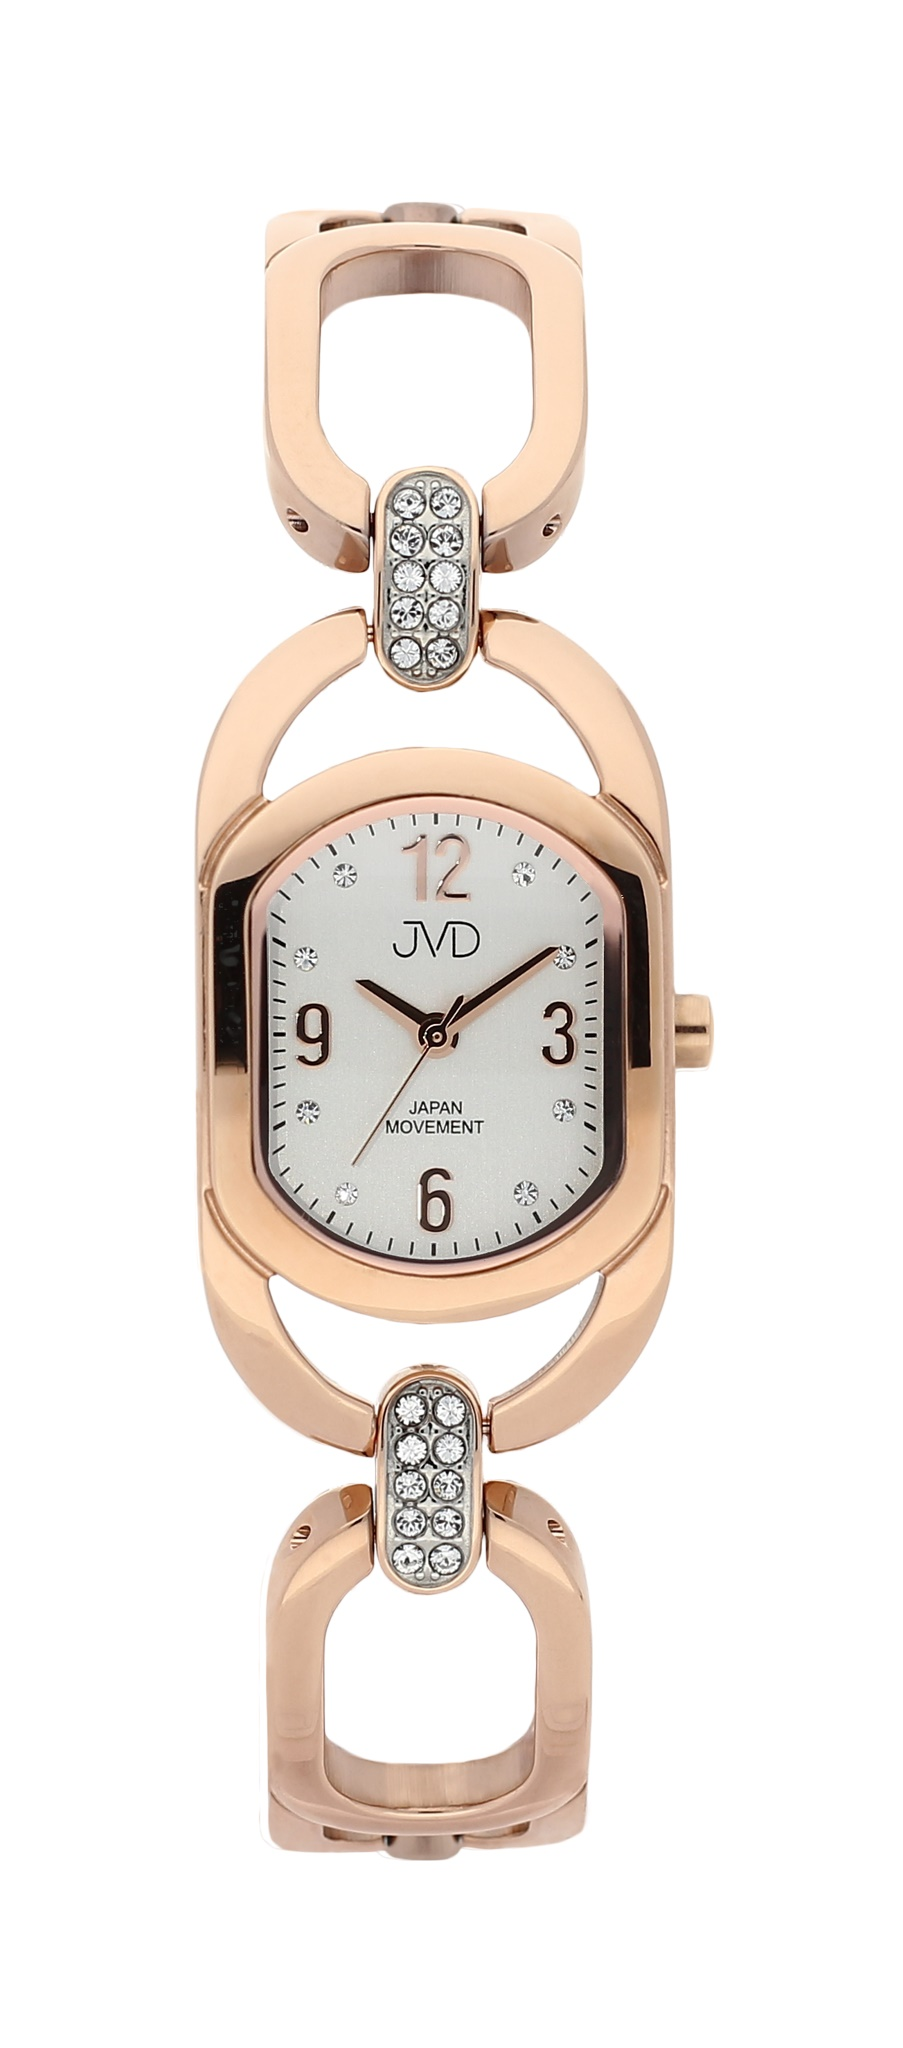 Dámské luxusní voděodolné hodinky JVD JC152.5 - 5ATM růžové zlato POŠTOVNÉ ZDARMA! (POŠTOVNÉ ZDARMA!!)